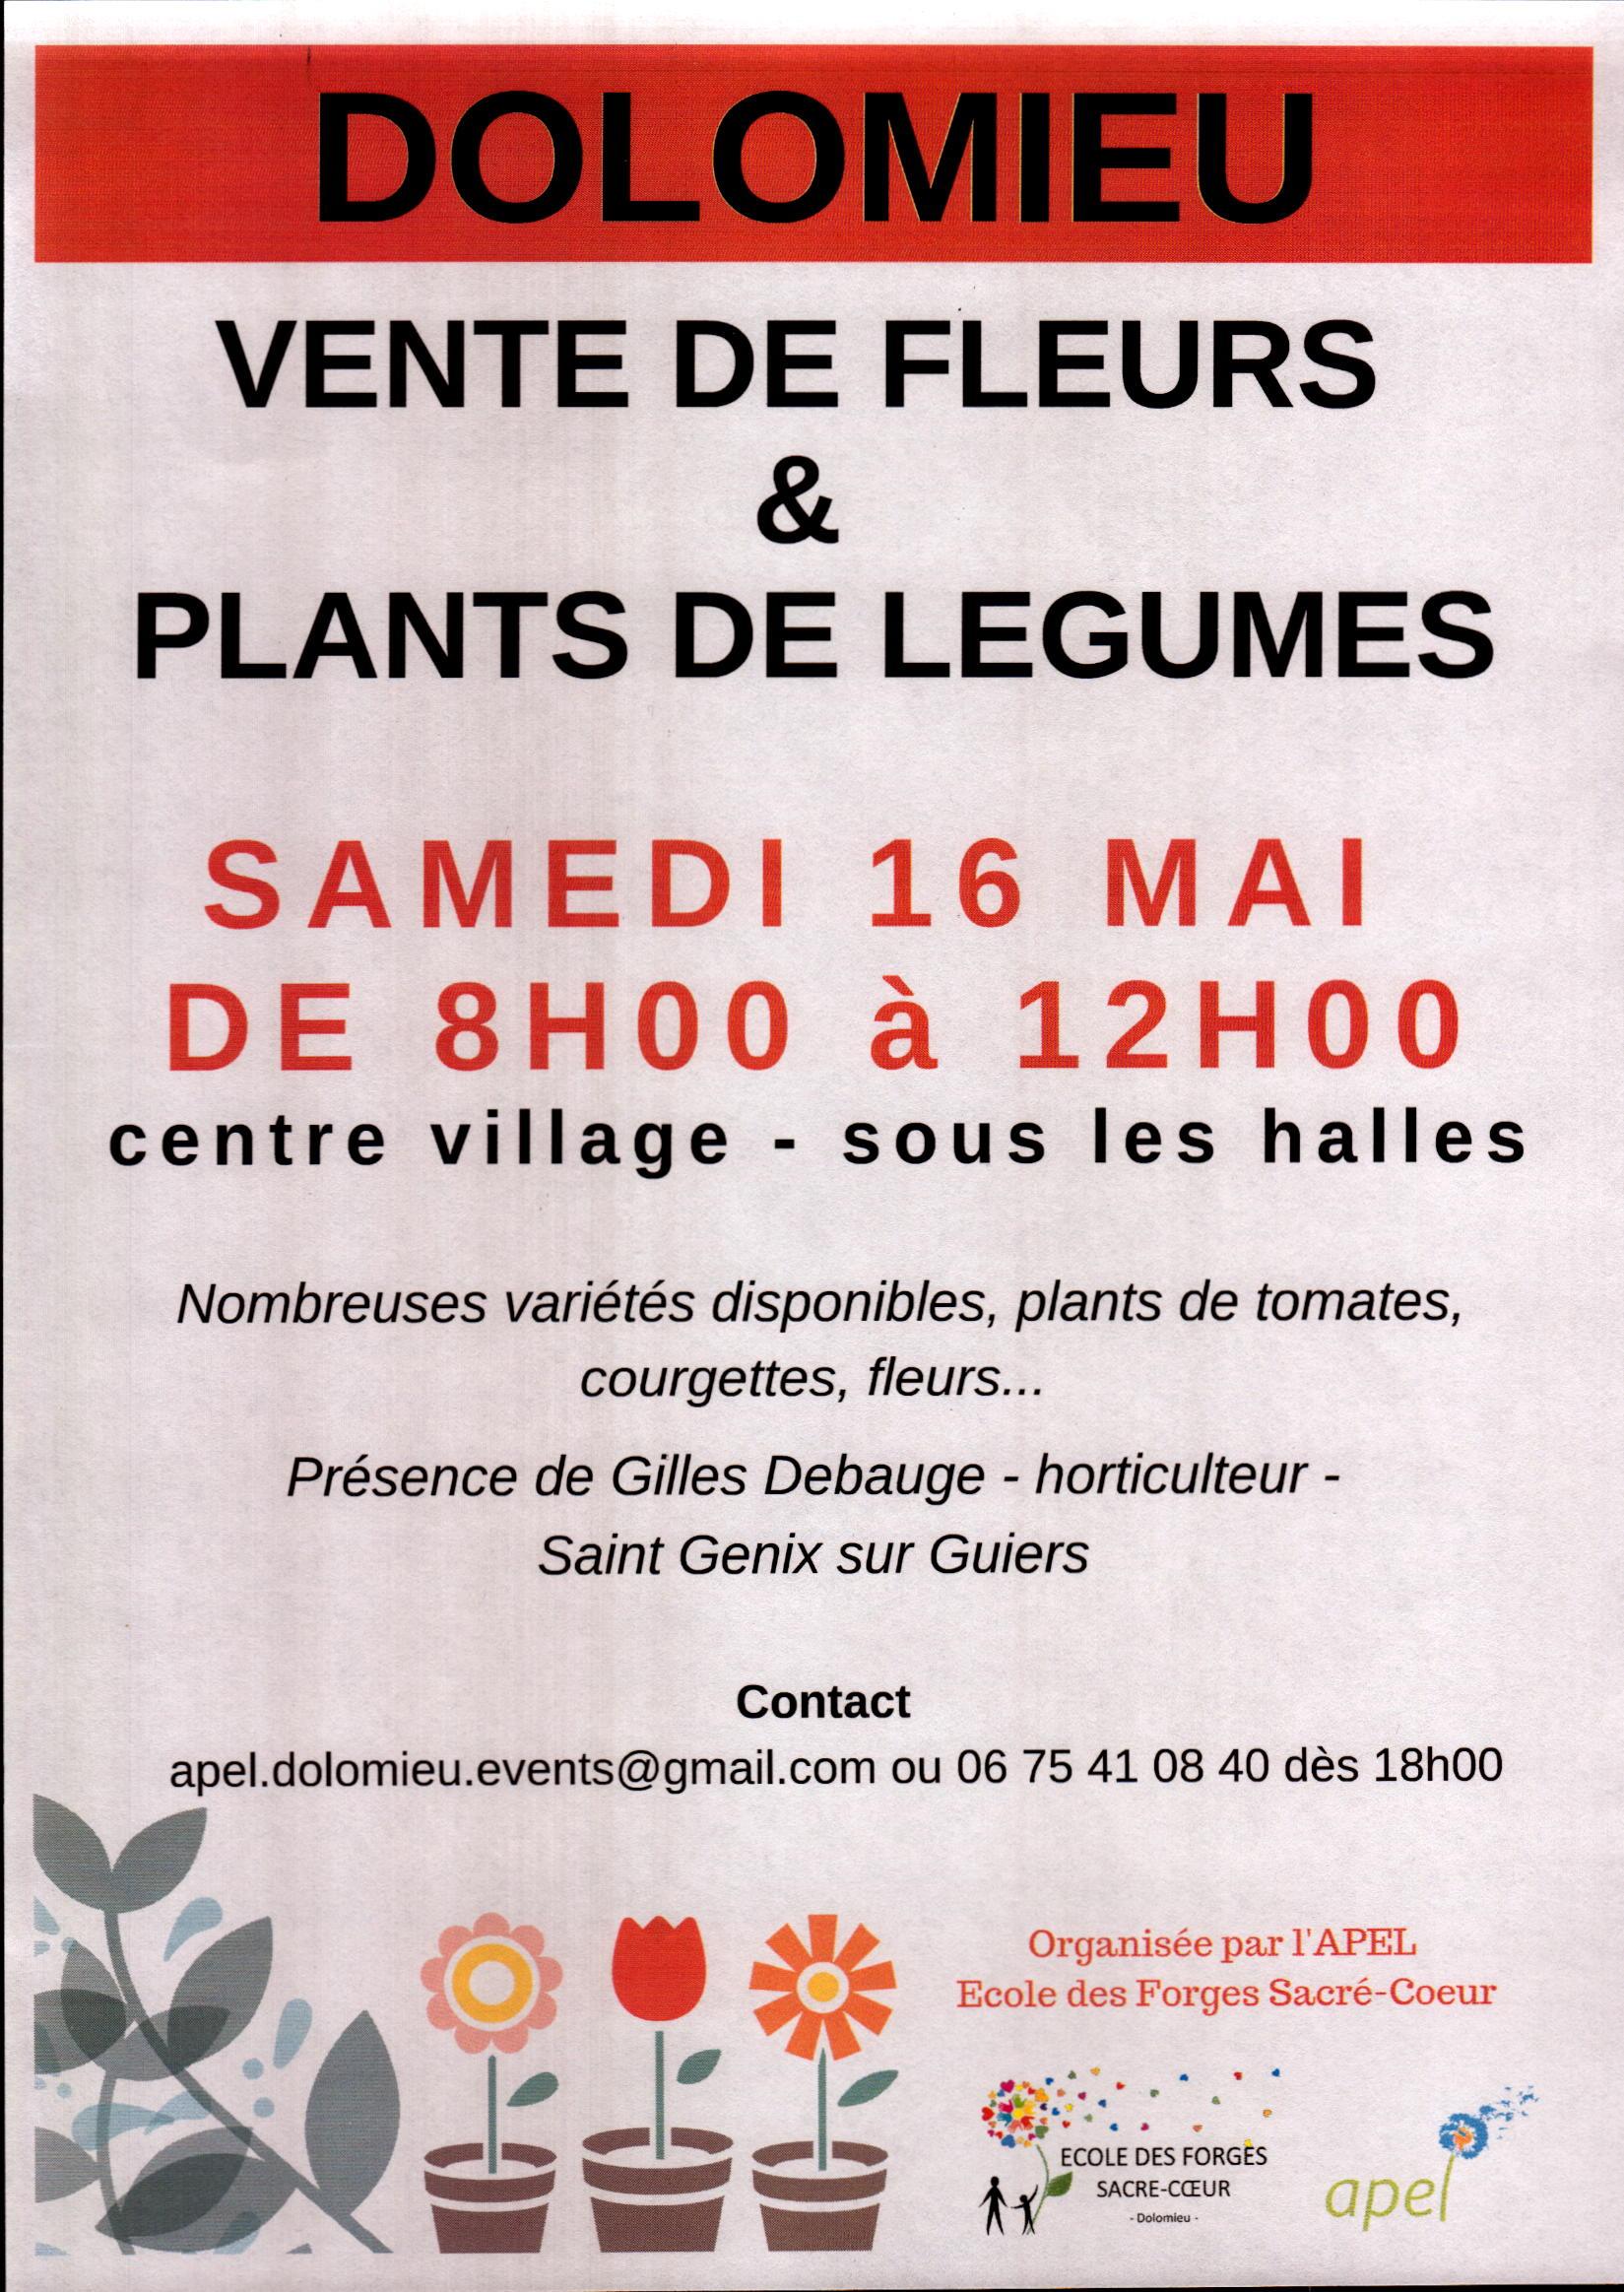 Vente de fleurs et plants de légumes